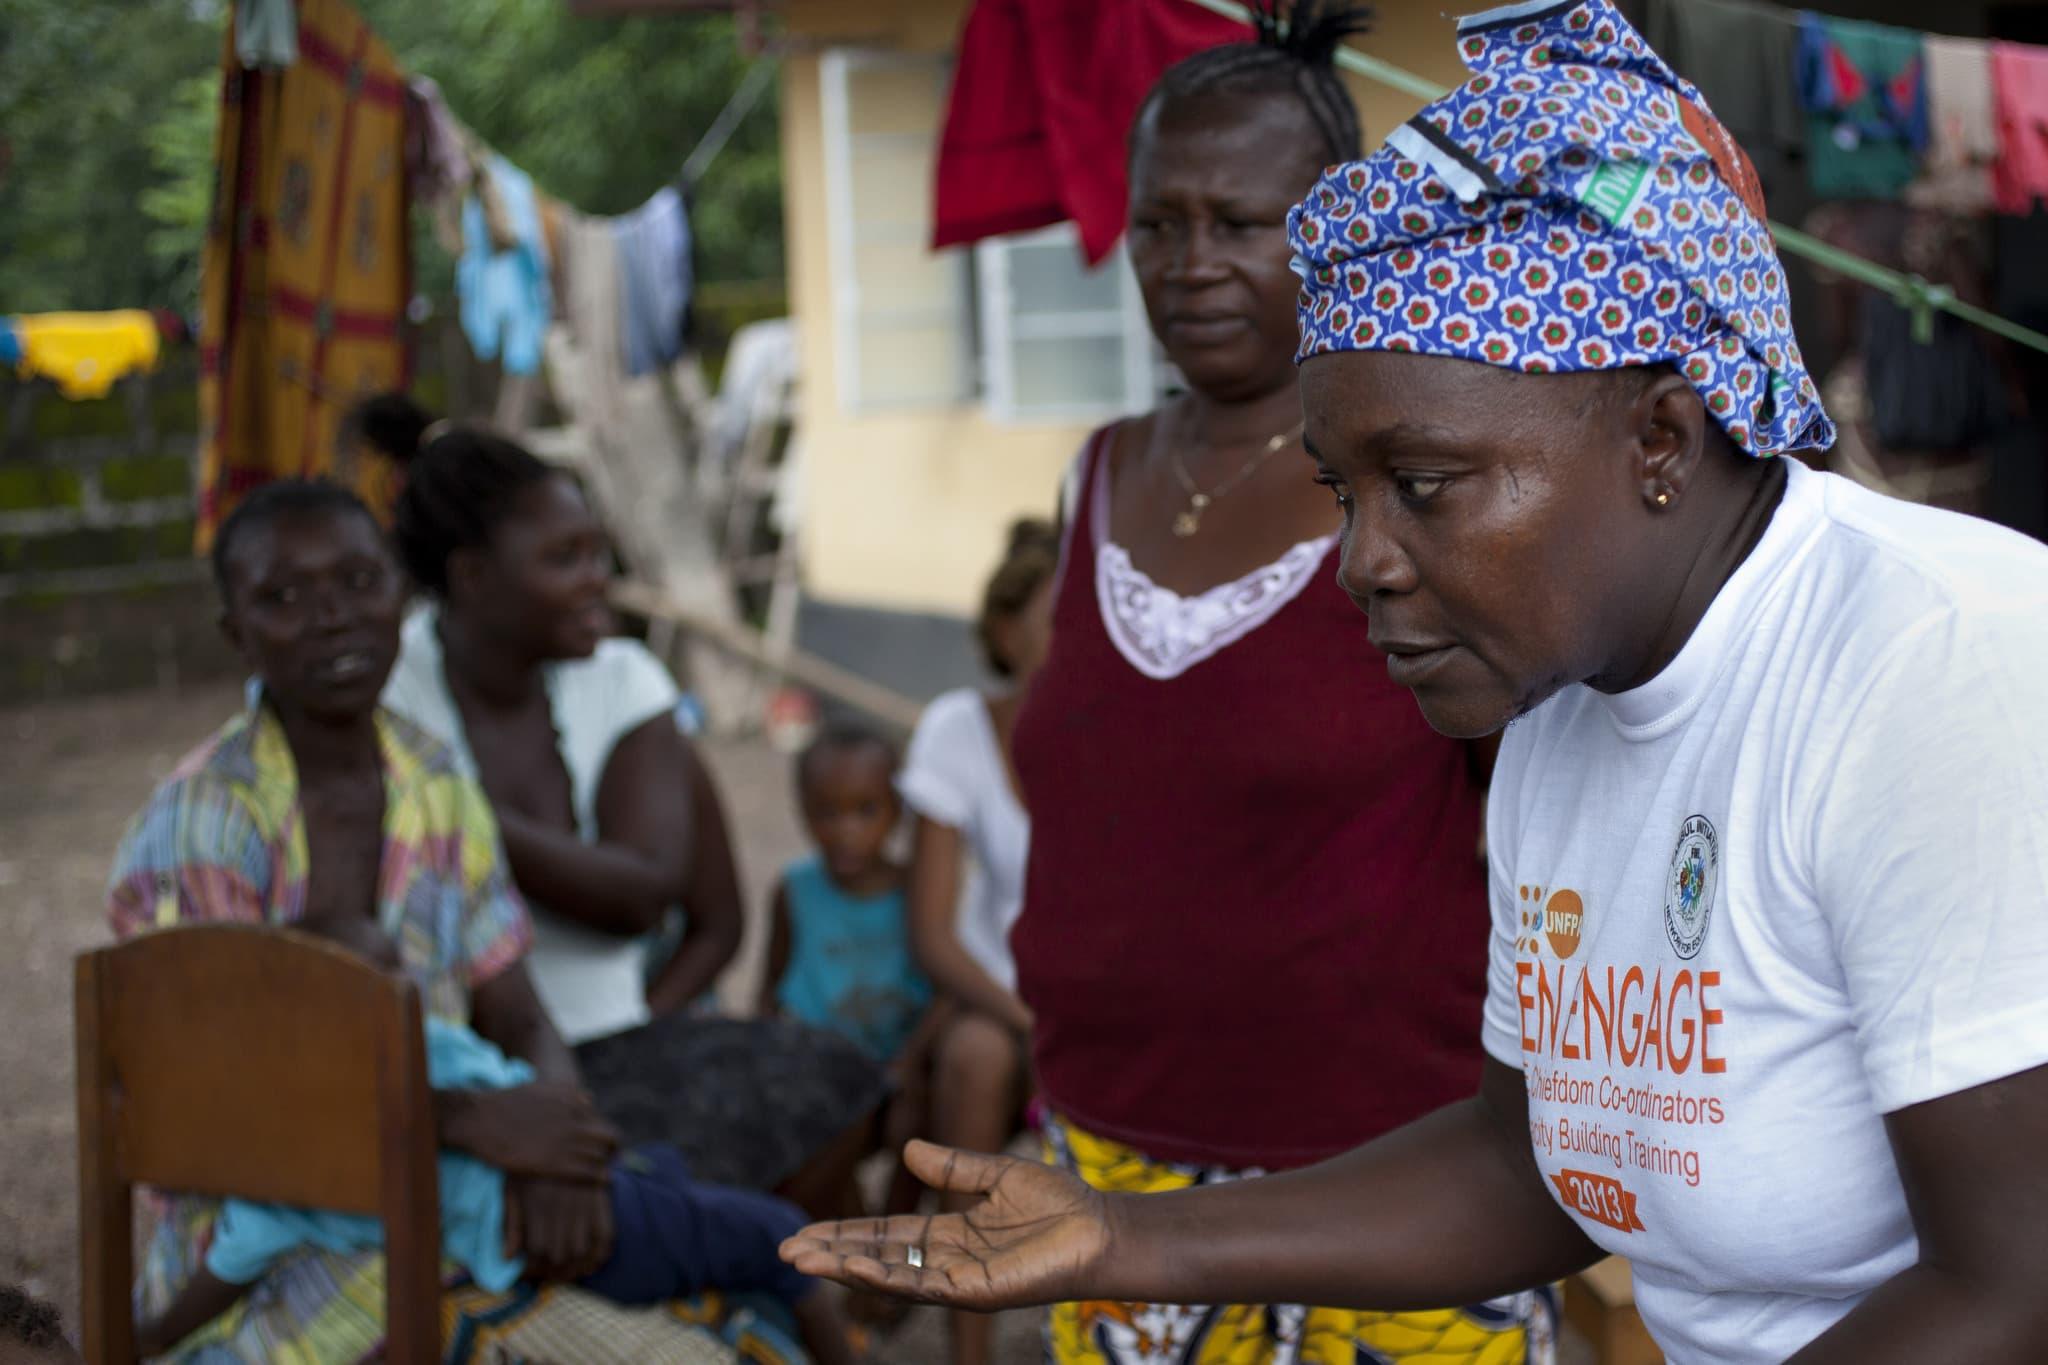 Eine Mitarbeiterin des UN-Bevölkerungsfonds (UNFPA) in einem Projekt für freiwillige Familienplanung in Sierra Leone.